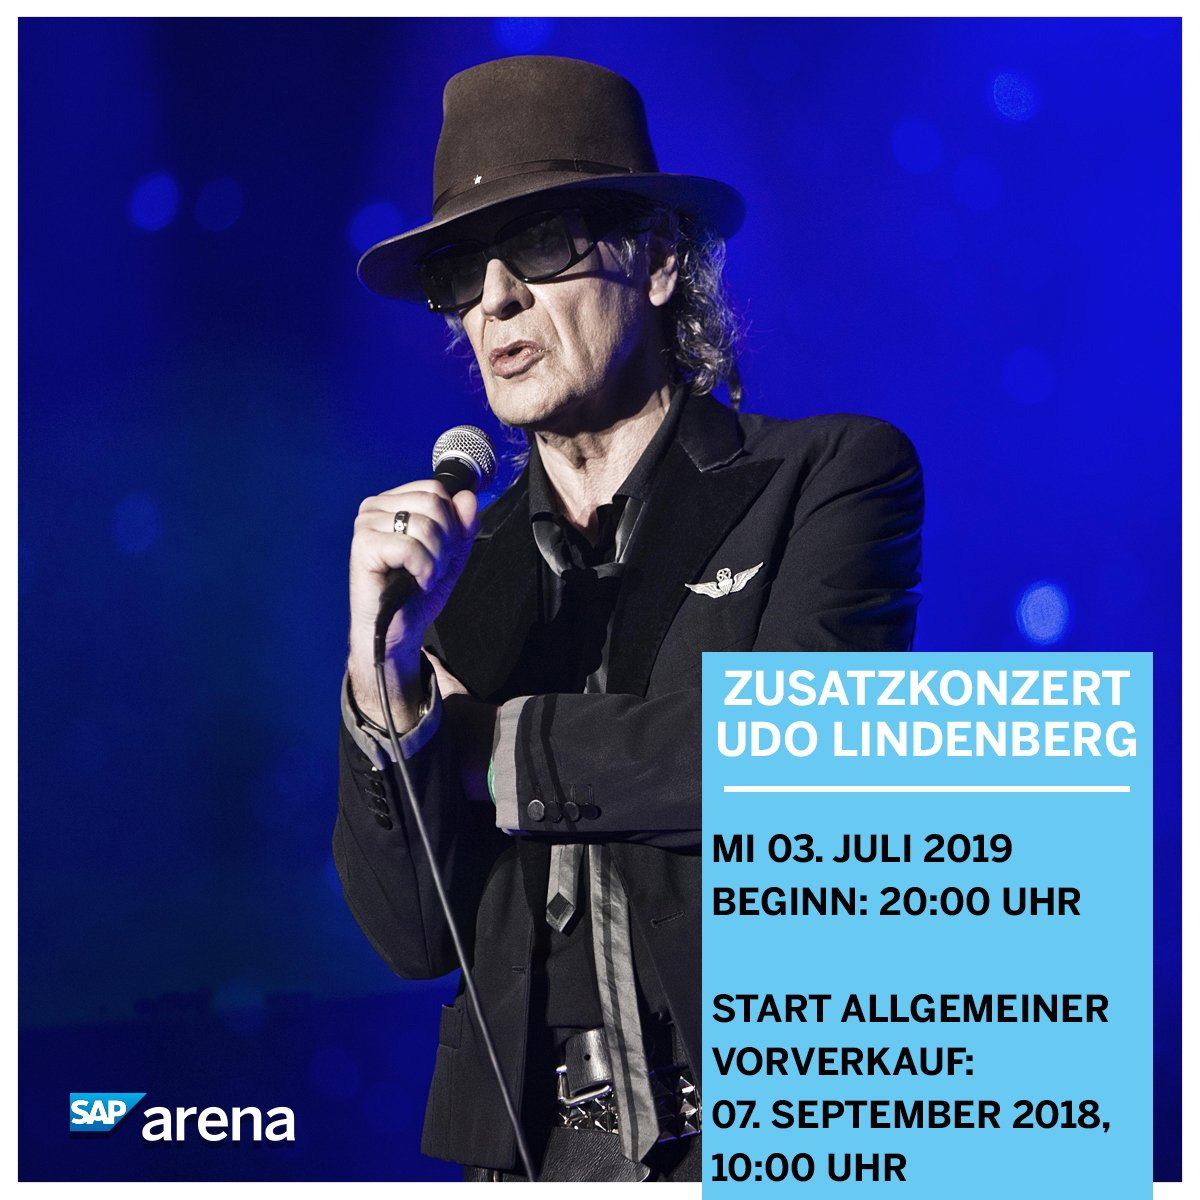 Udo Lindenberg Udolindenberg